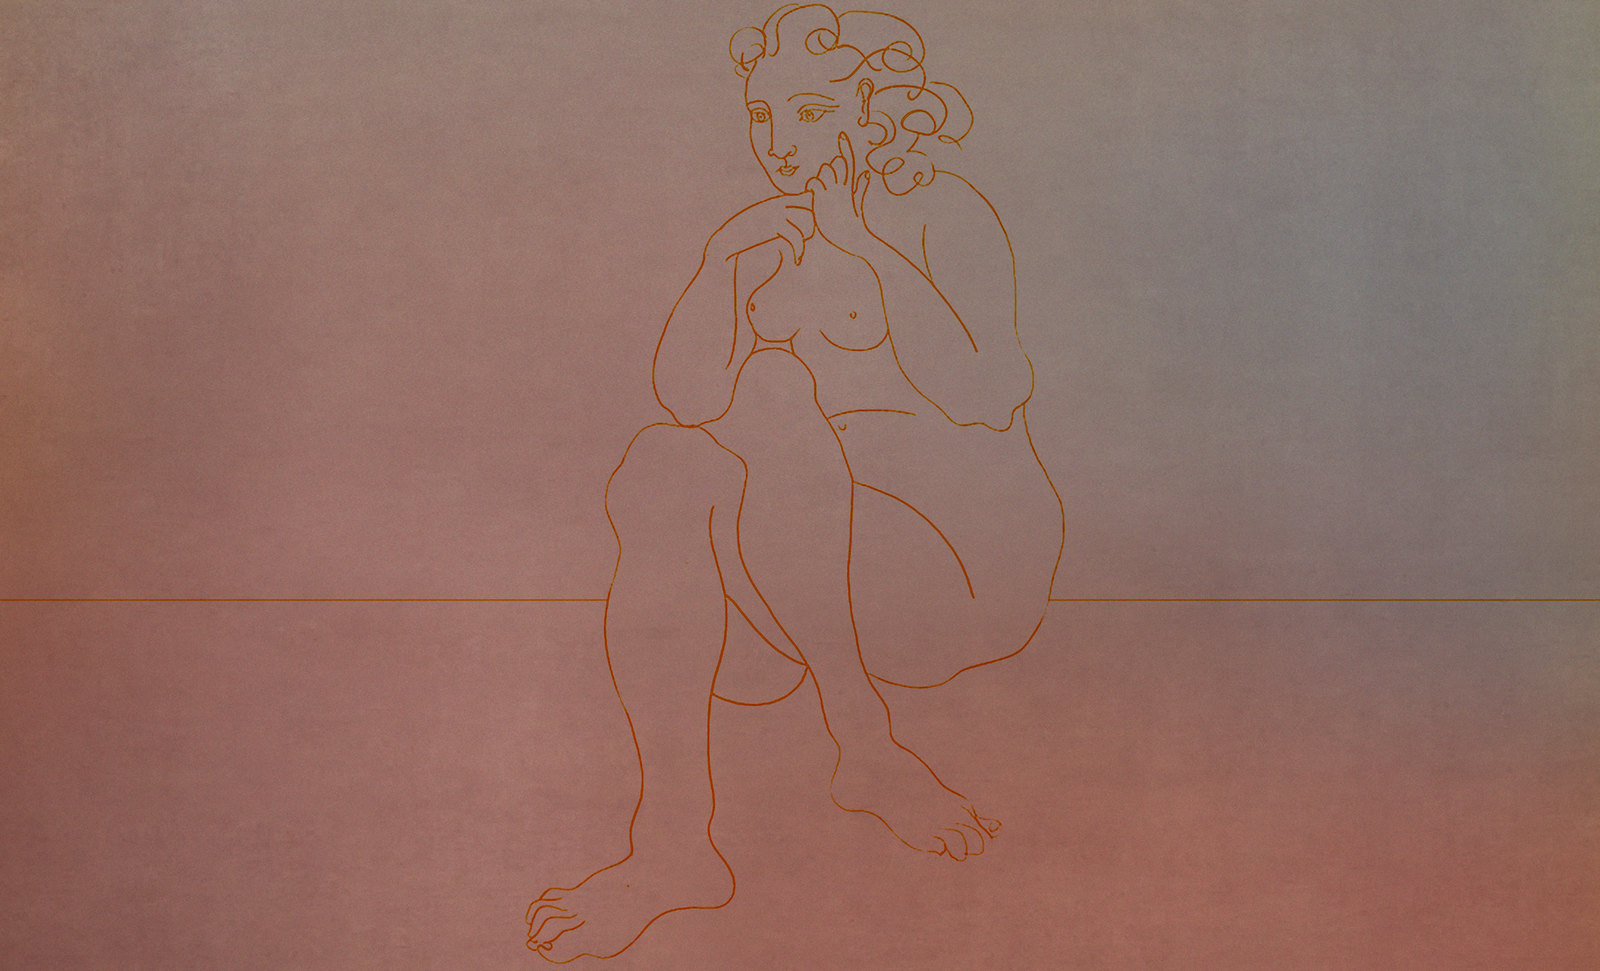 059Pablo Picasso